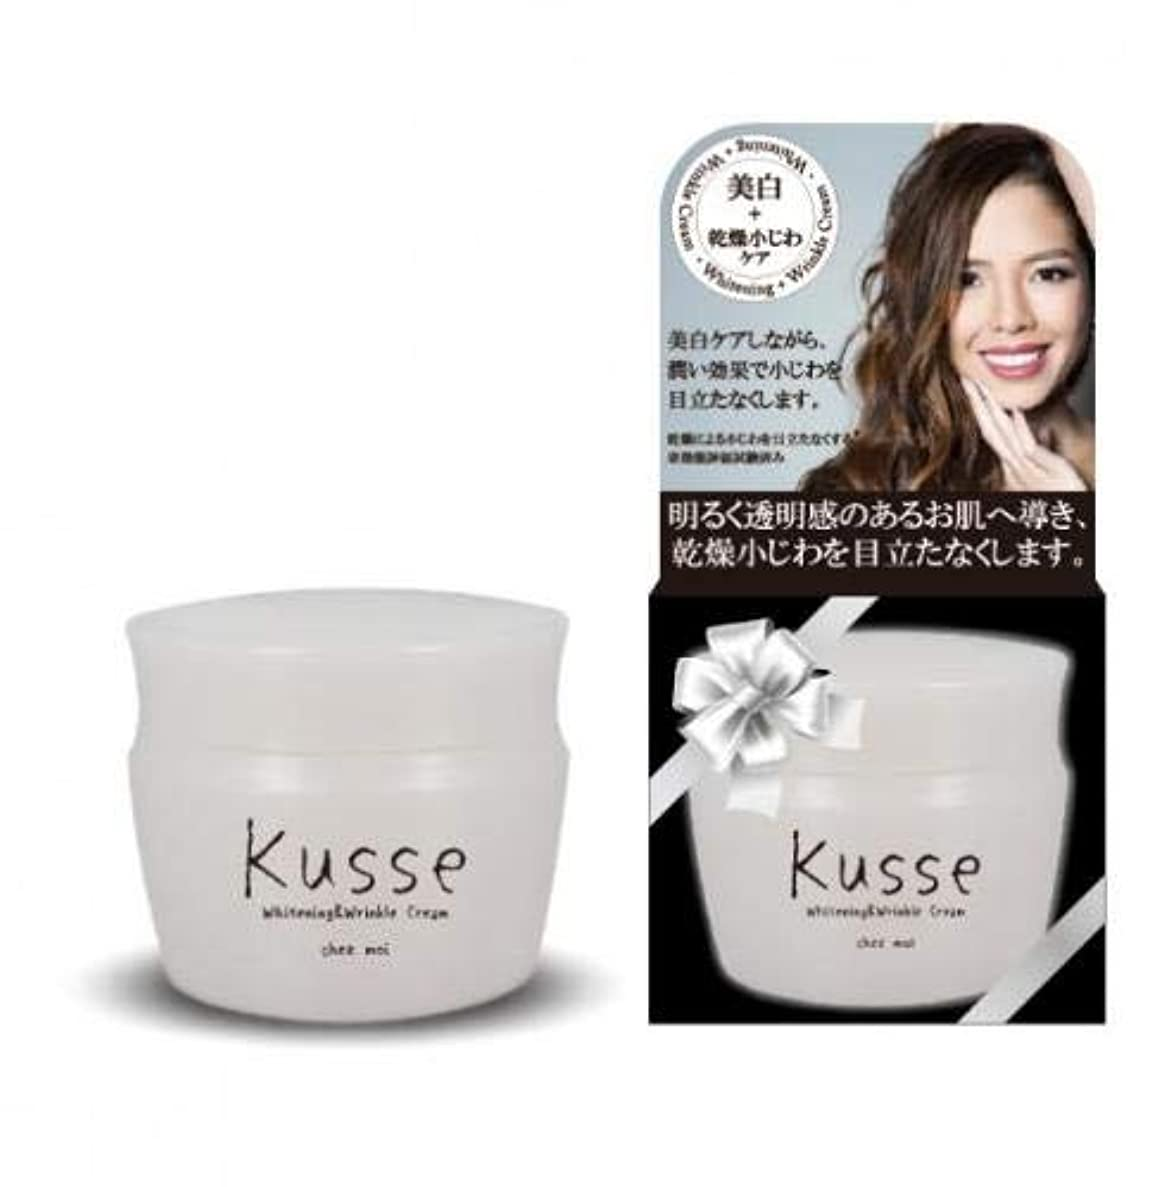 滑る改革福祉シェモア 薬用 Kusse(キュセ) Whitening&Wrinkle Cream クリーム 30g